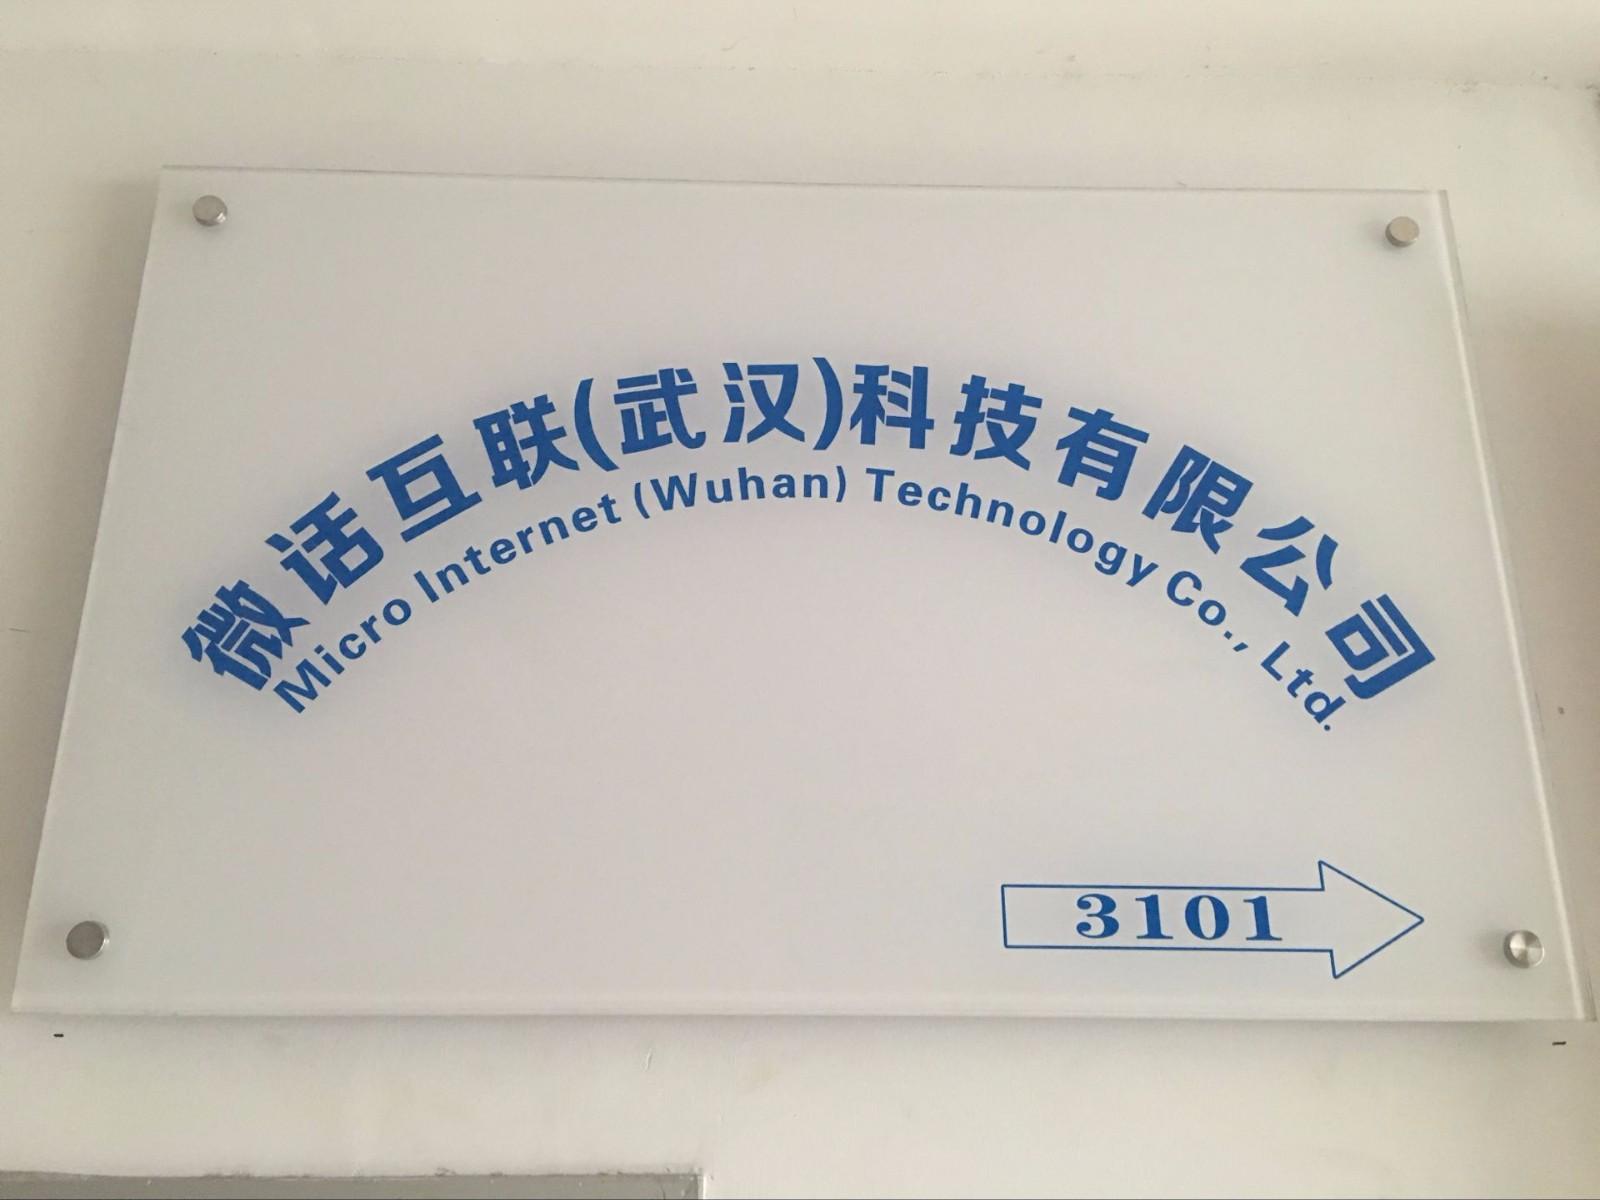 微话互联(武汉)科技有限公司